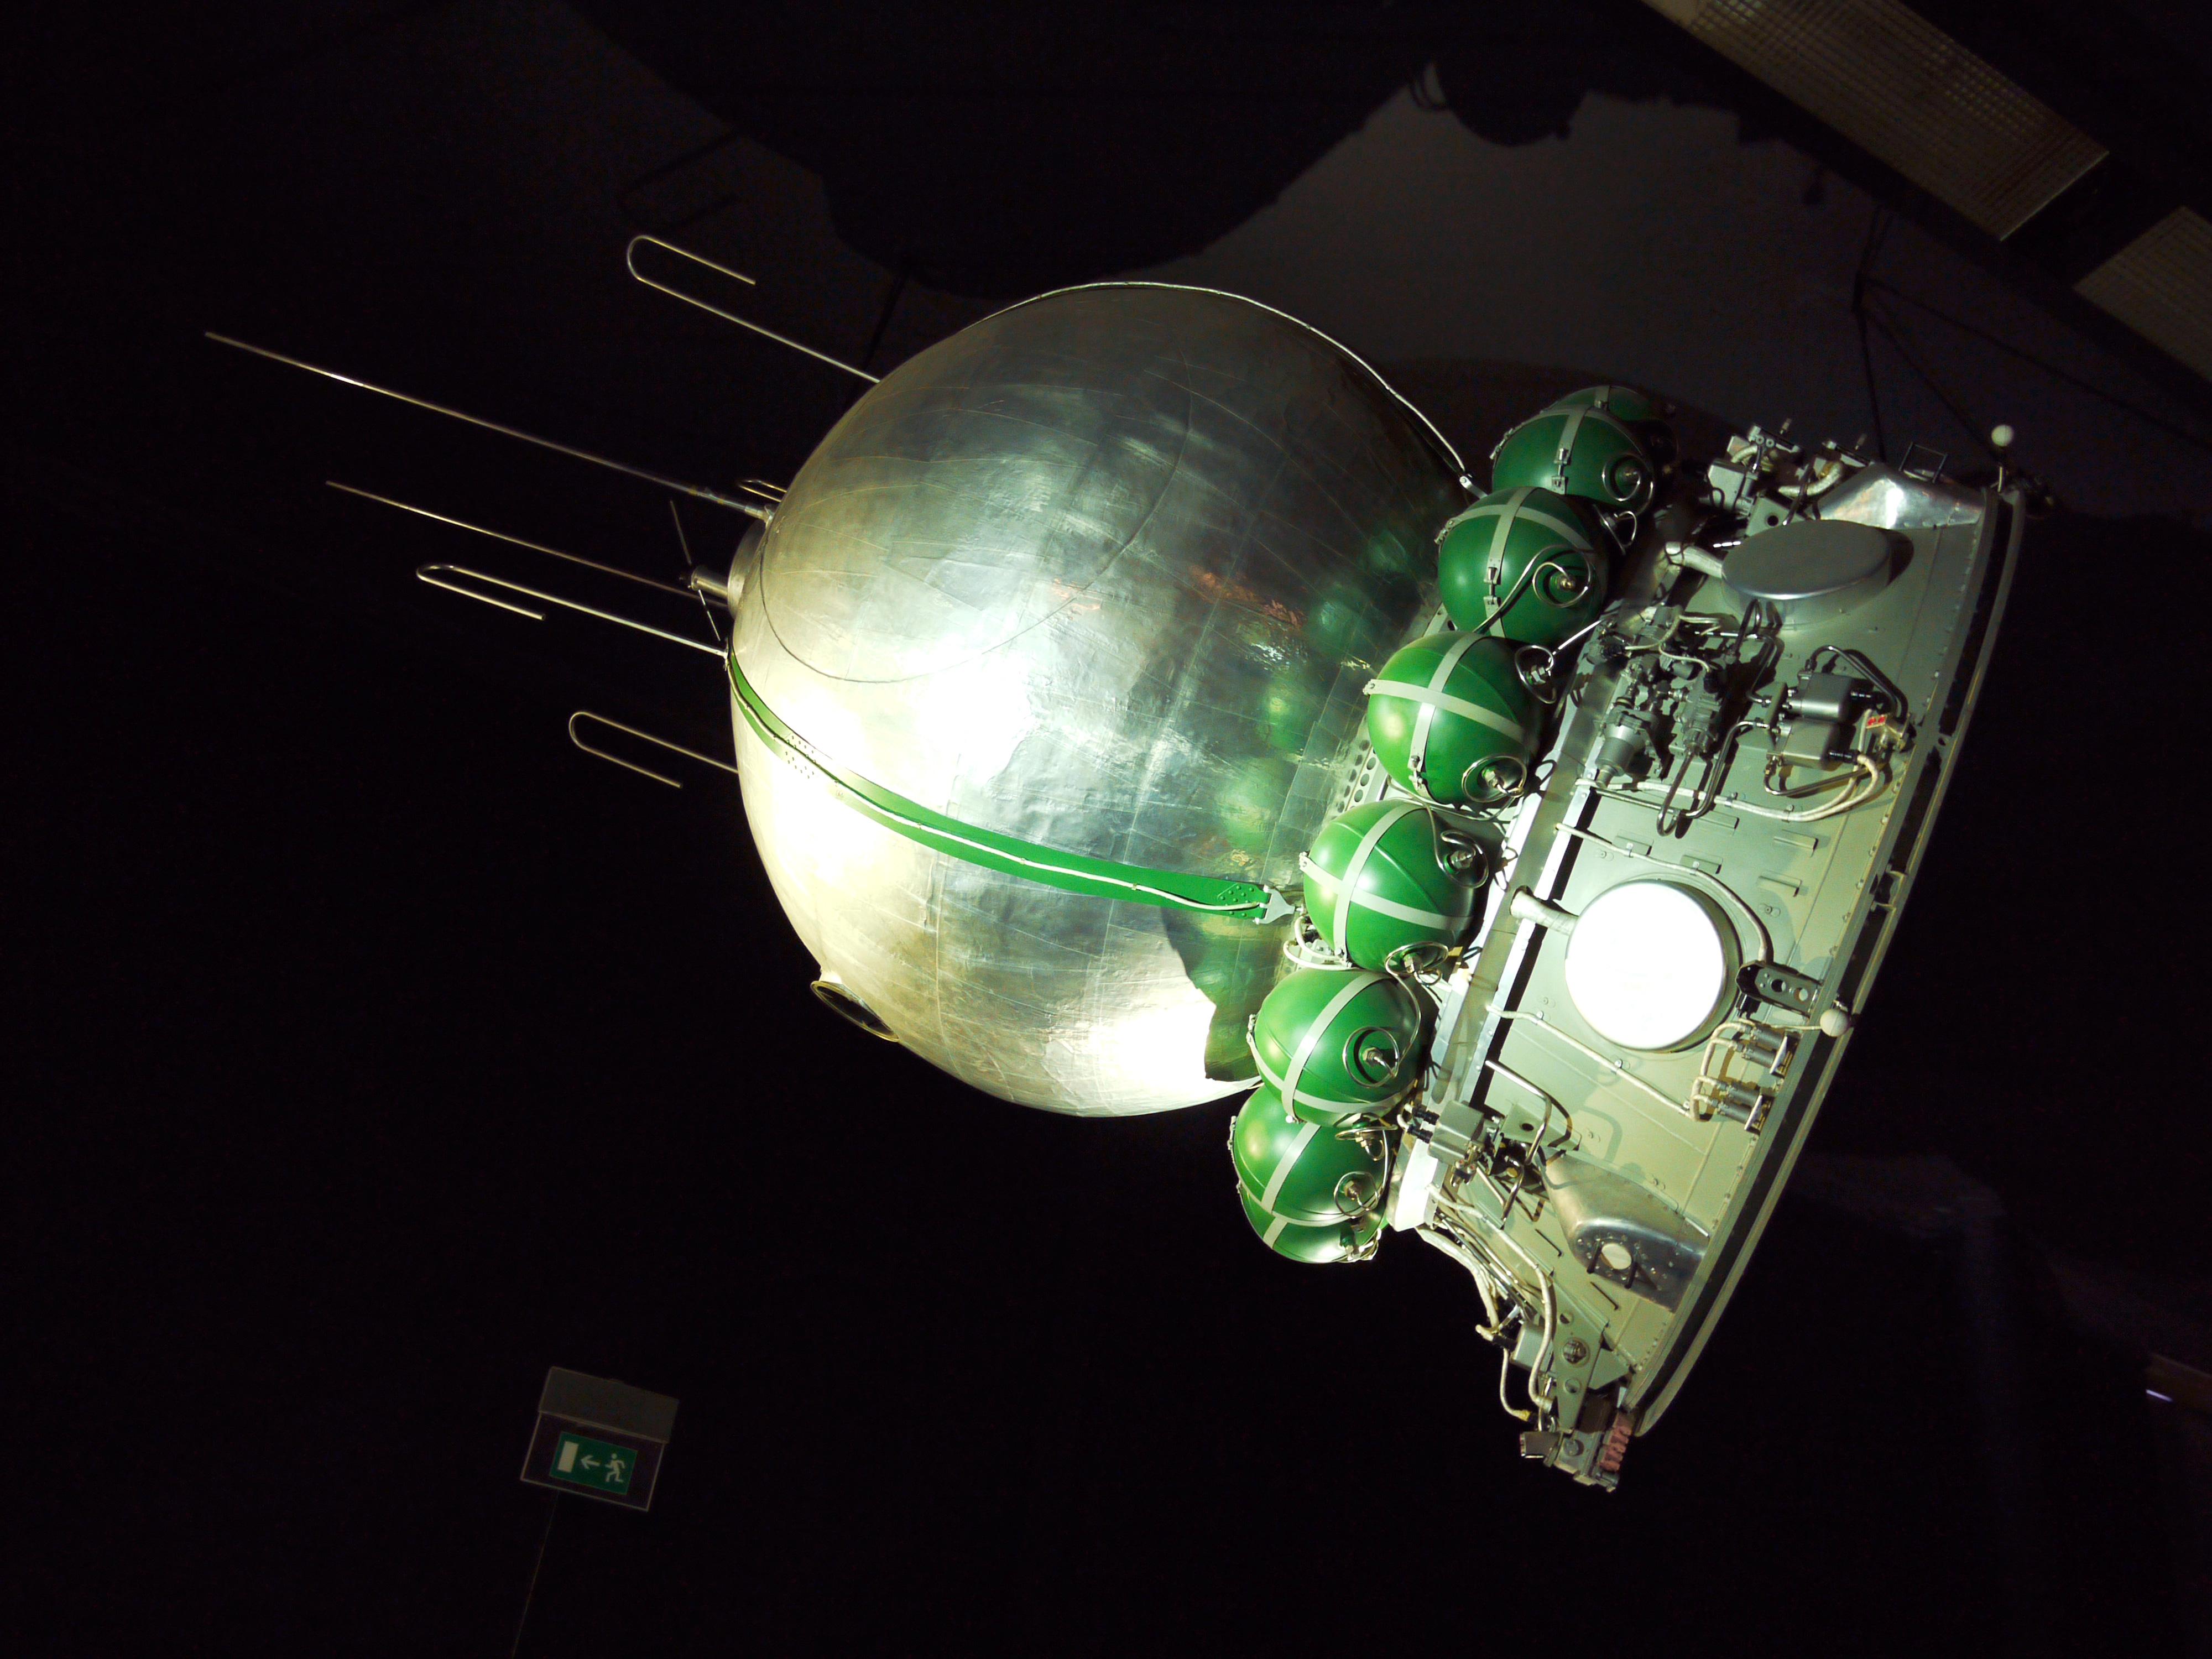 vostok spacecraft - photo #10